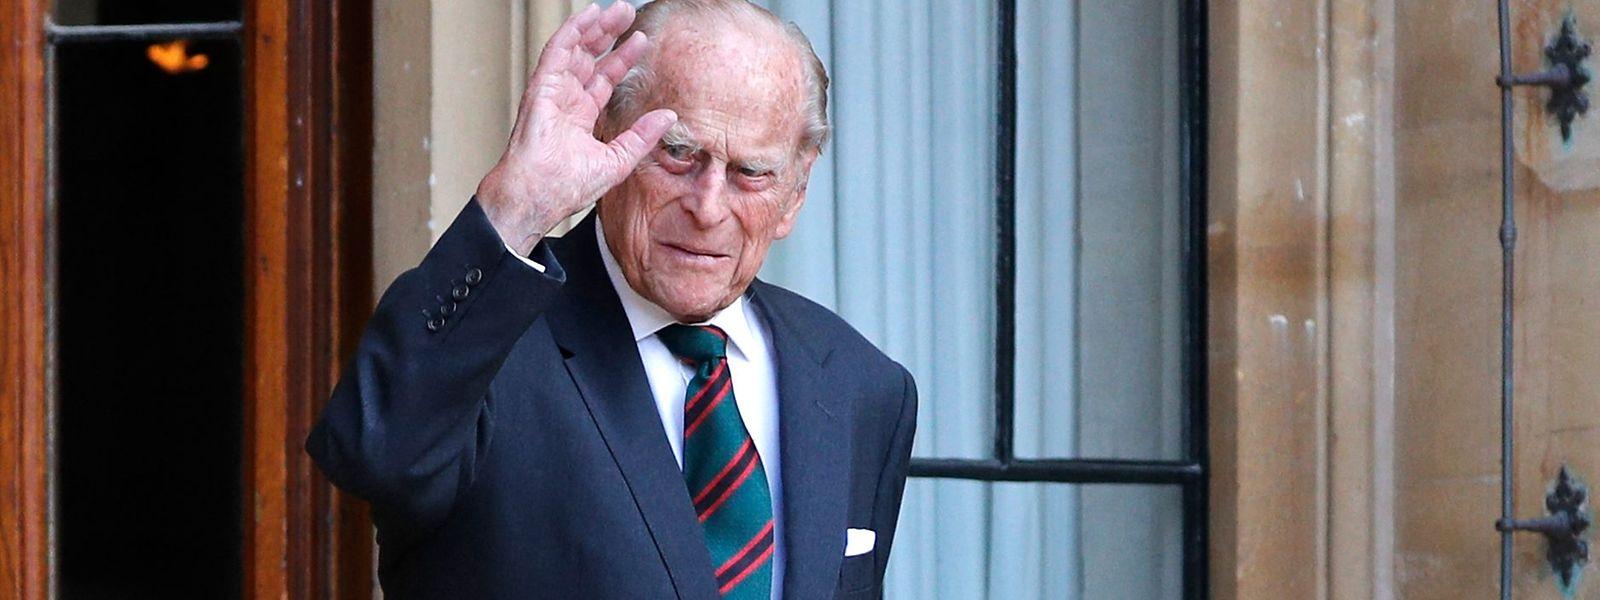 Prinz Philip ist 99 Jahre alt. Dieses Archivfoto stammt aus dem Jahr 2020.